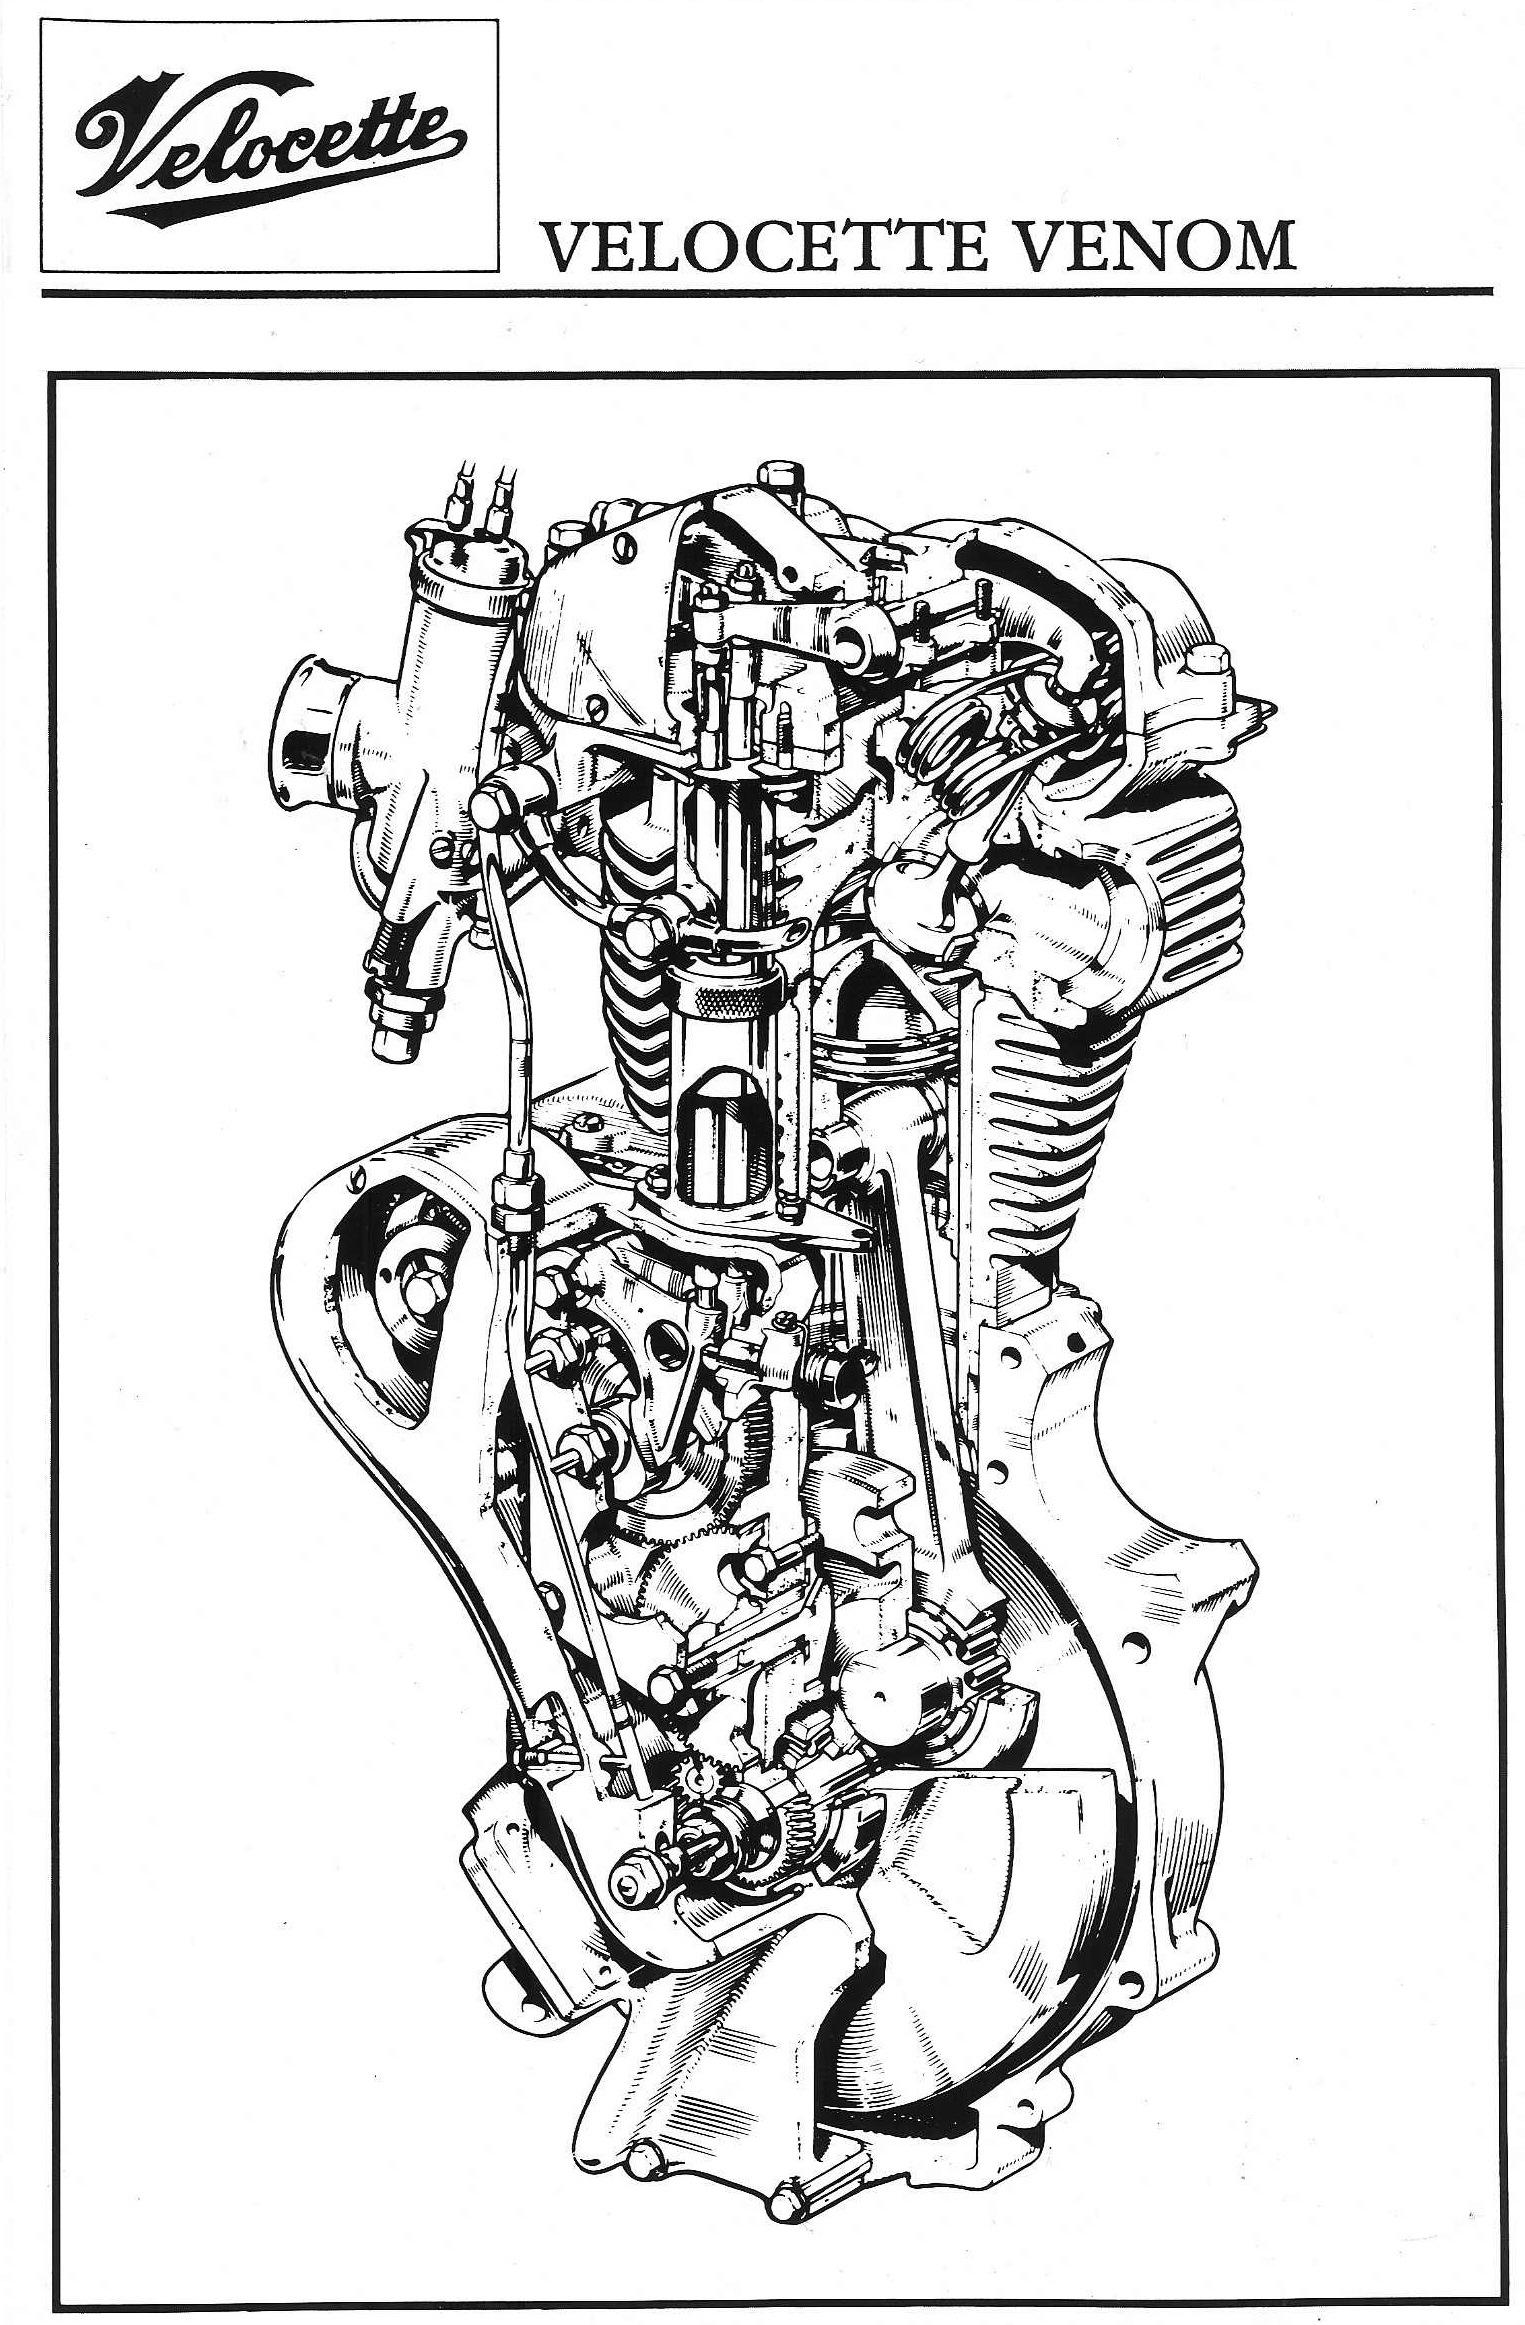 hight resolution of venom motor